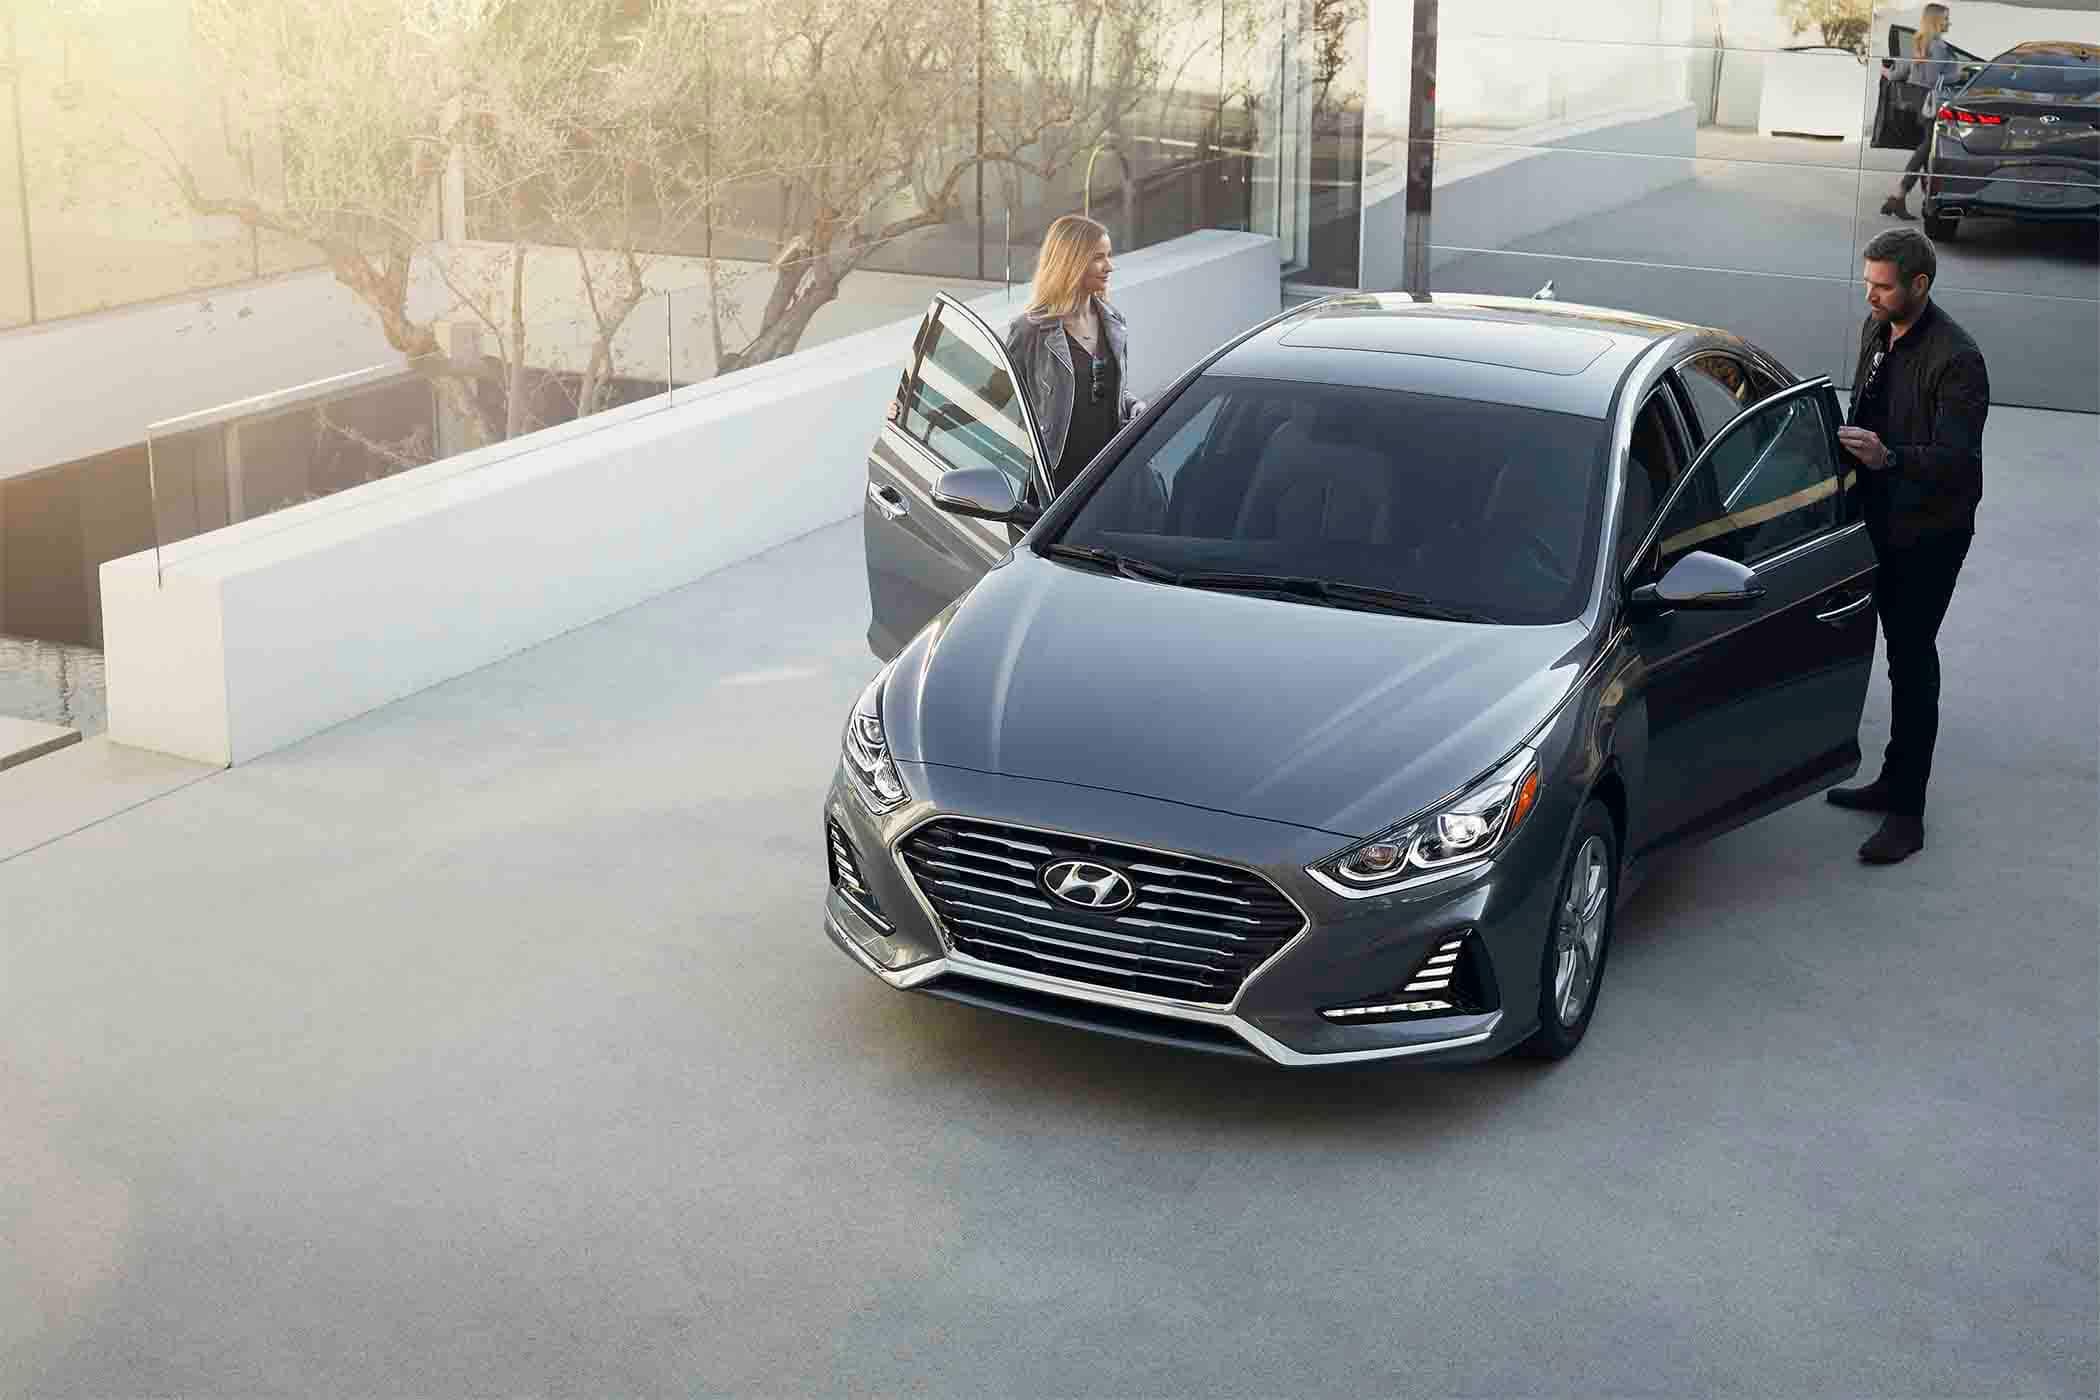 2018 Hyundai Sonata Vs Ford Fusion: Interior Space